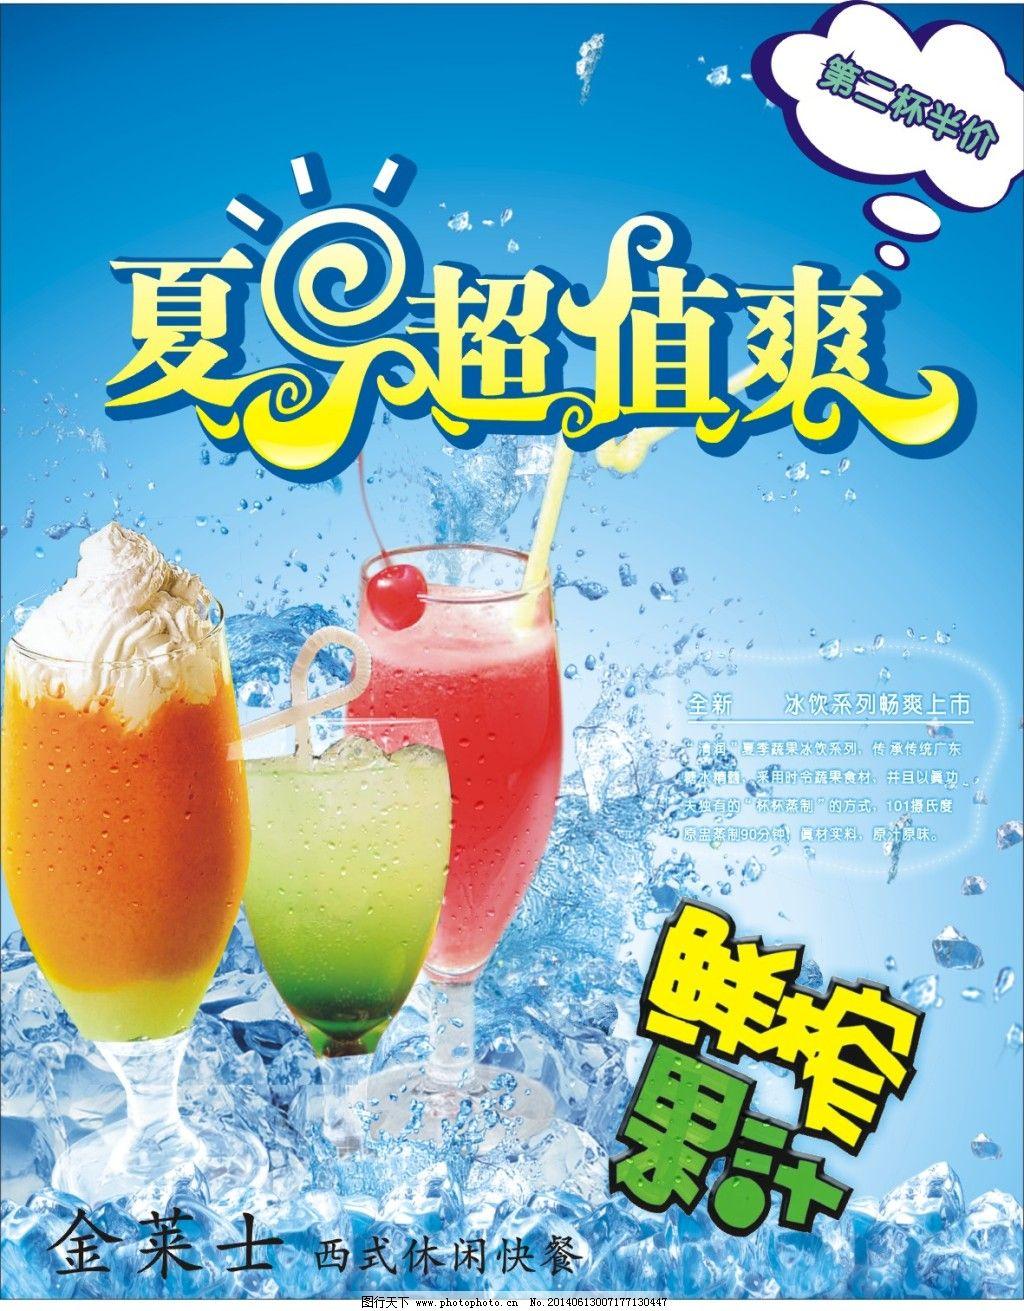 鲜榨果汁免费下载 背景 果汁 蓝色 夏日 鲜榨果汁 艺术字 饮料 鲜榨